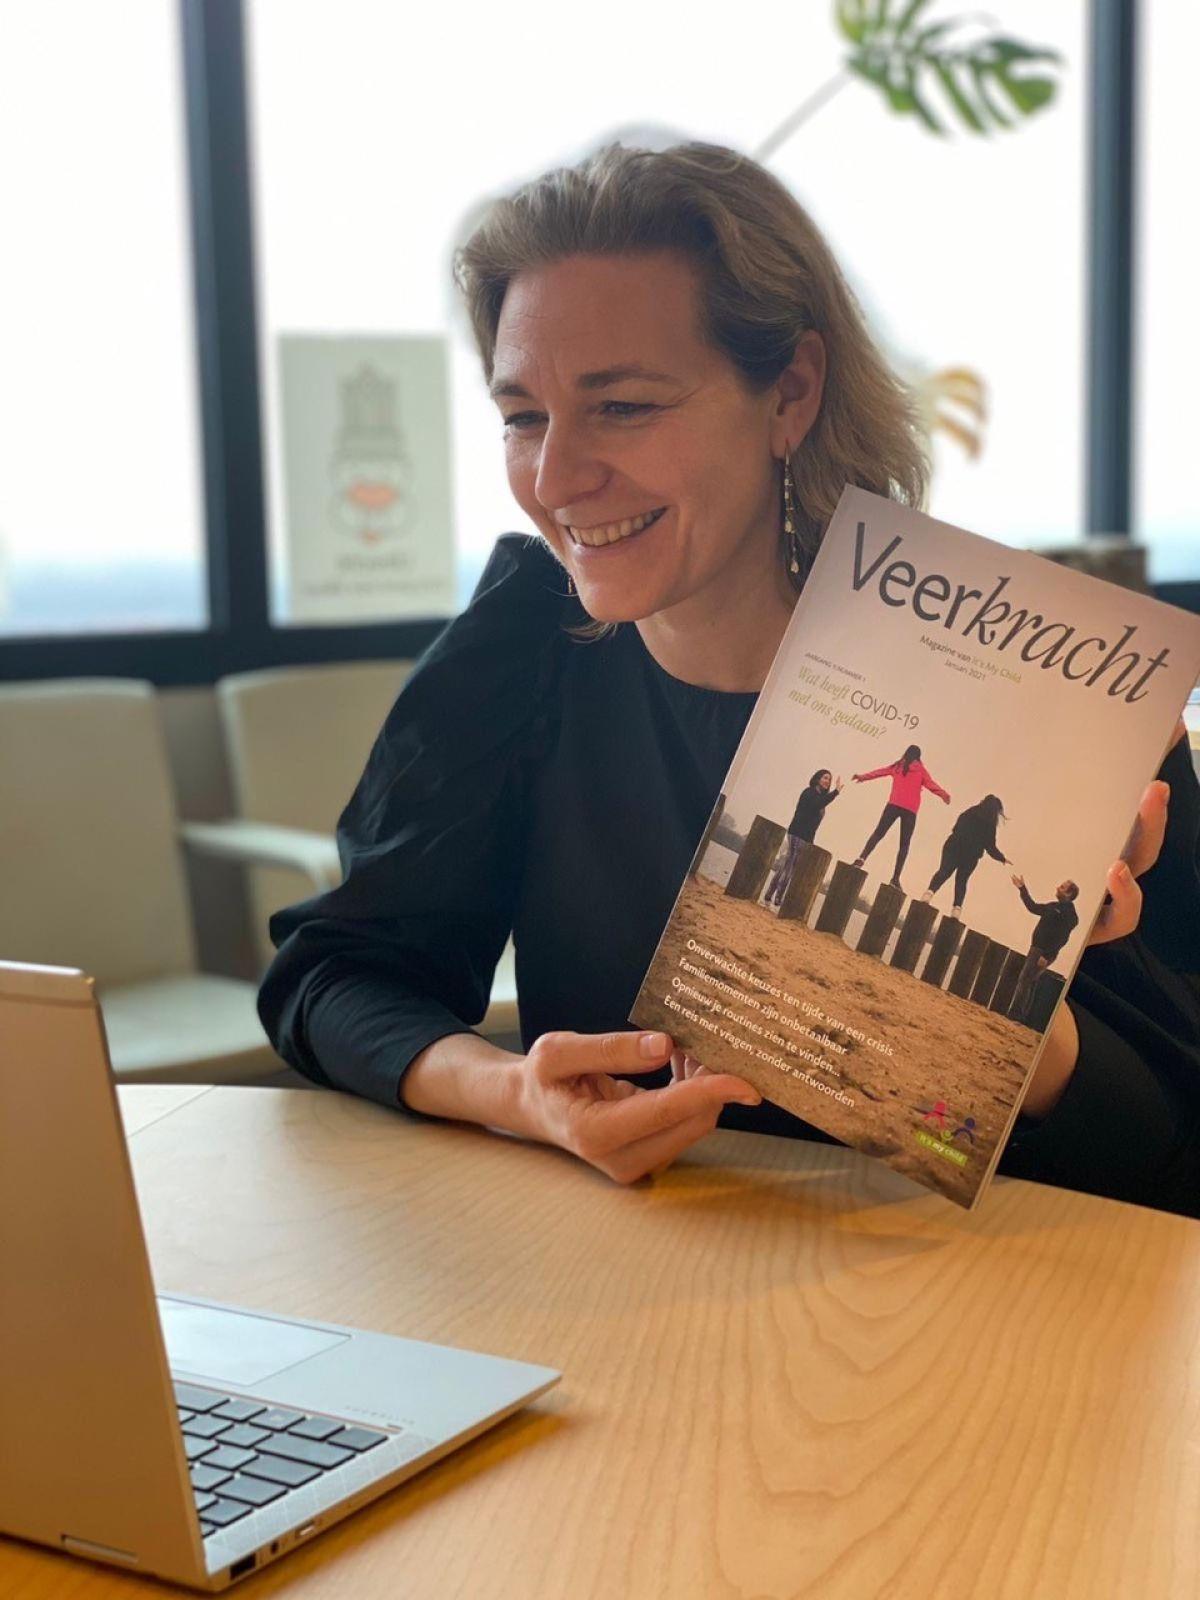 Veerkracht Magazine over ouderbetrokkenheid